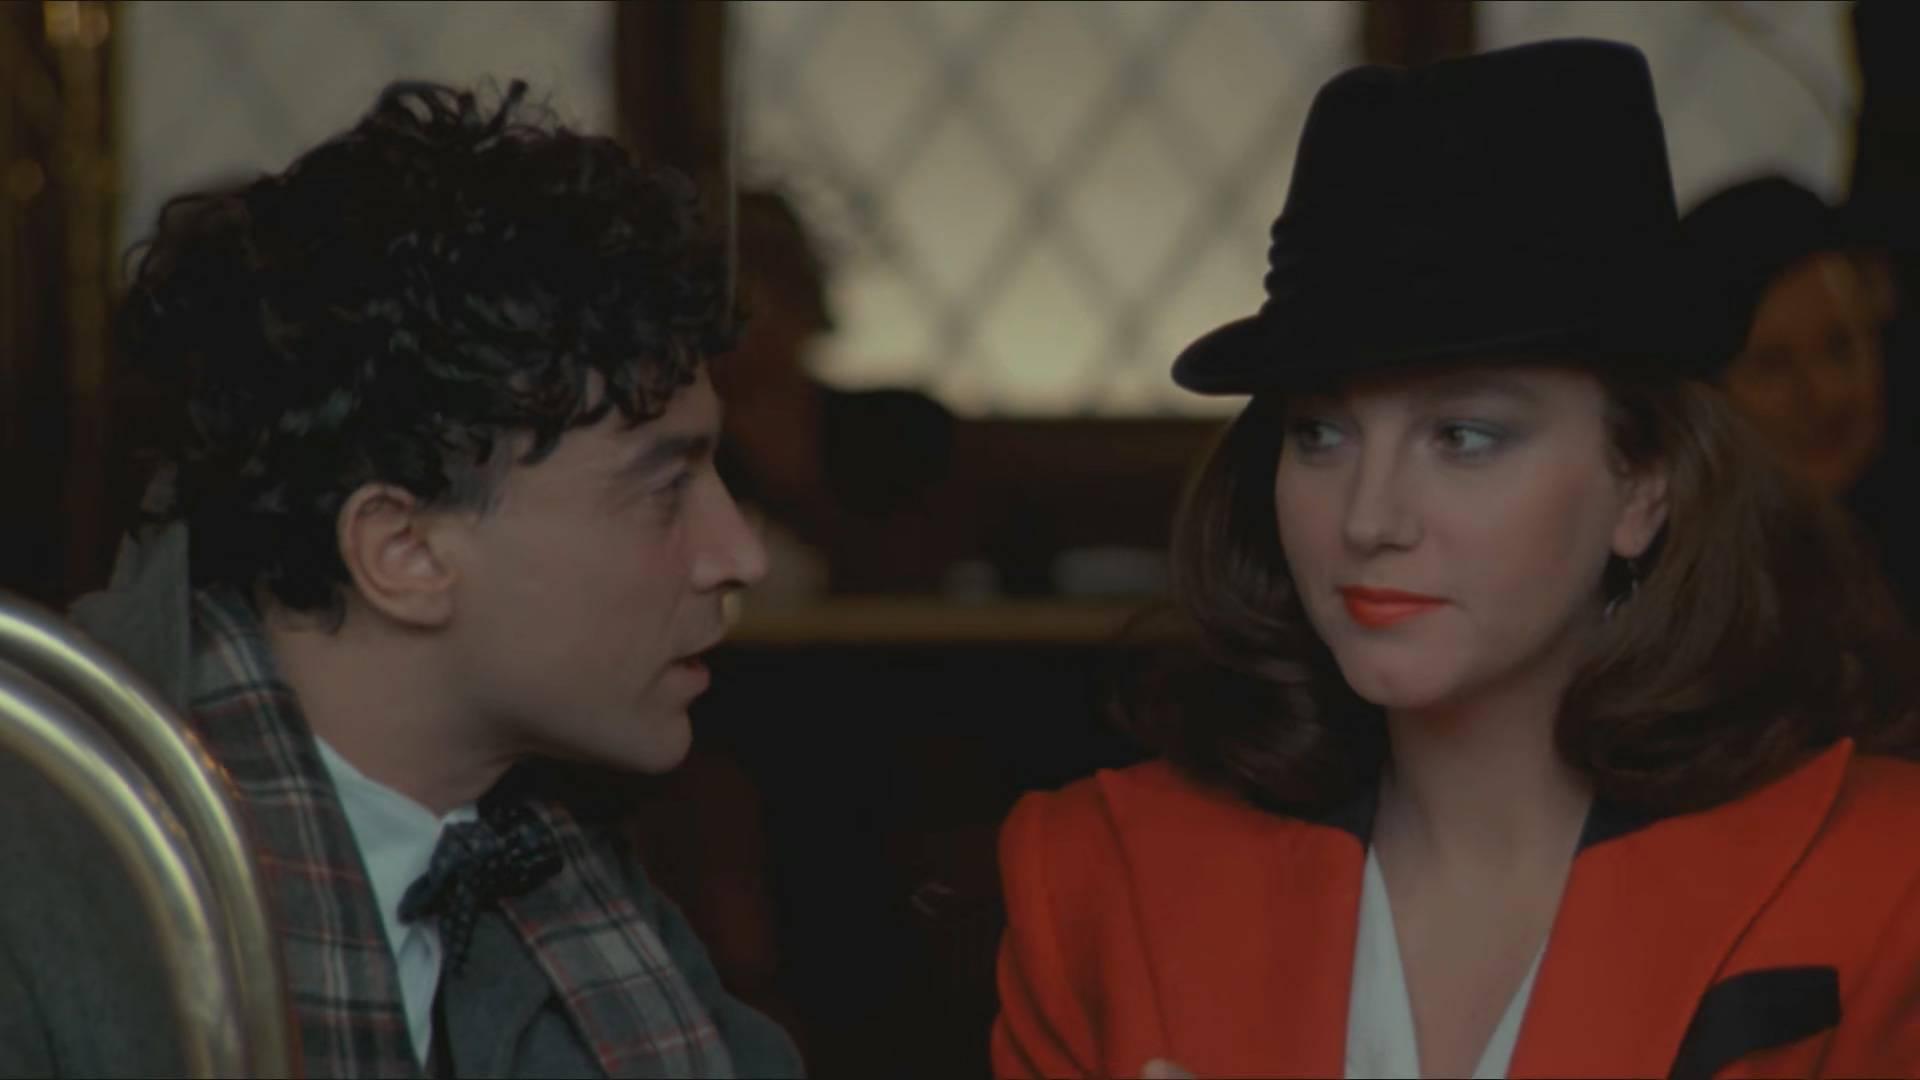 The Key (1983) / AvaxHome